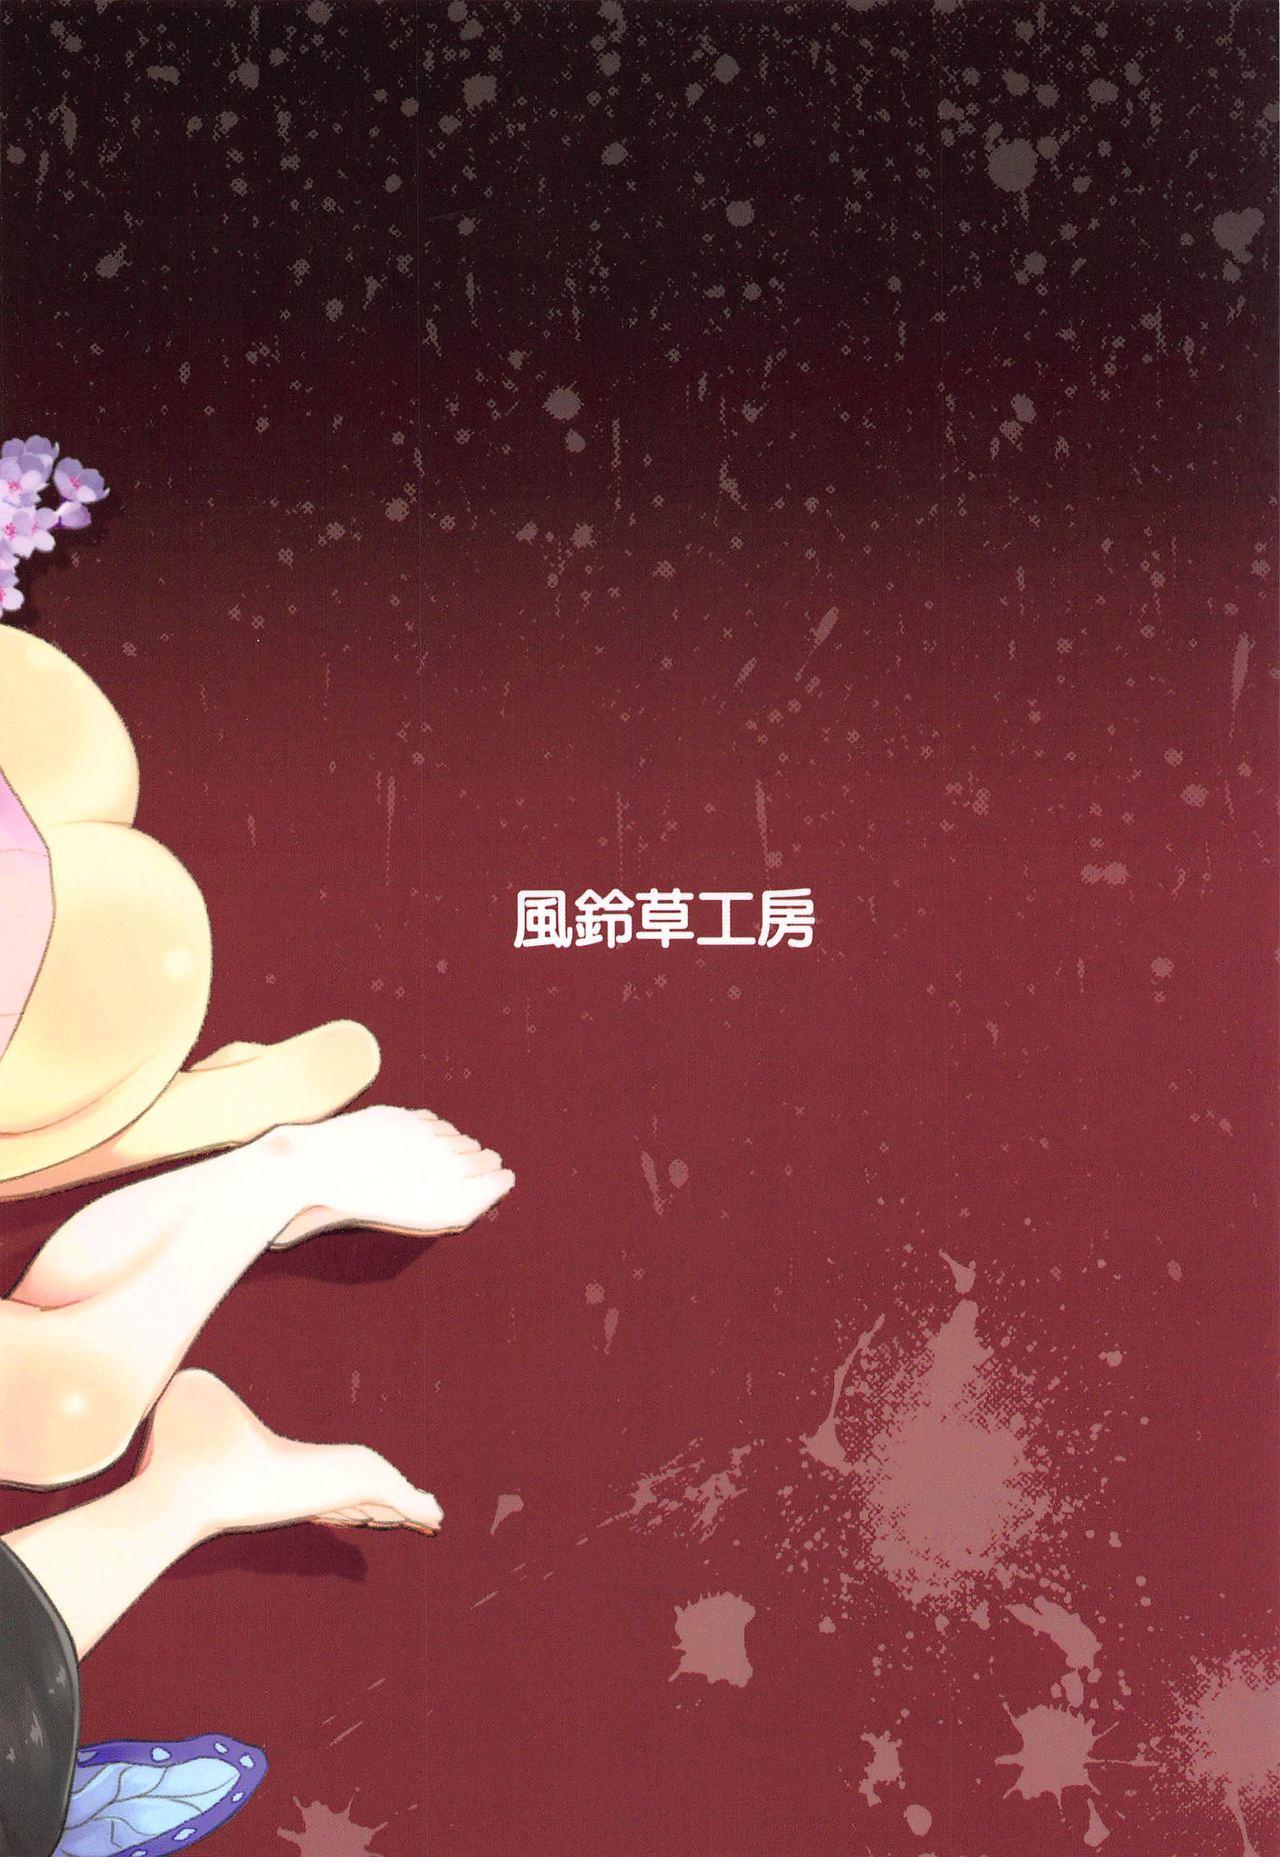 Saikin, Imouto no Yousu ga Chotto Okashiin daga. 21